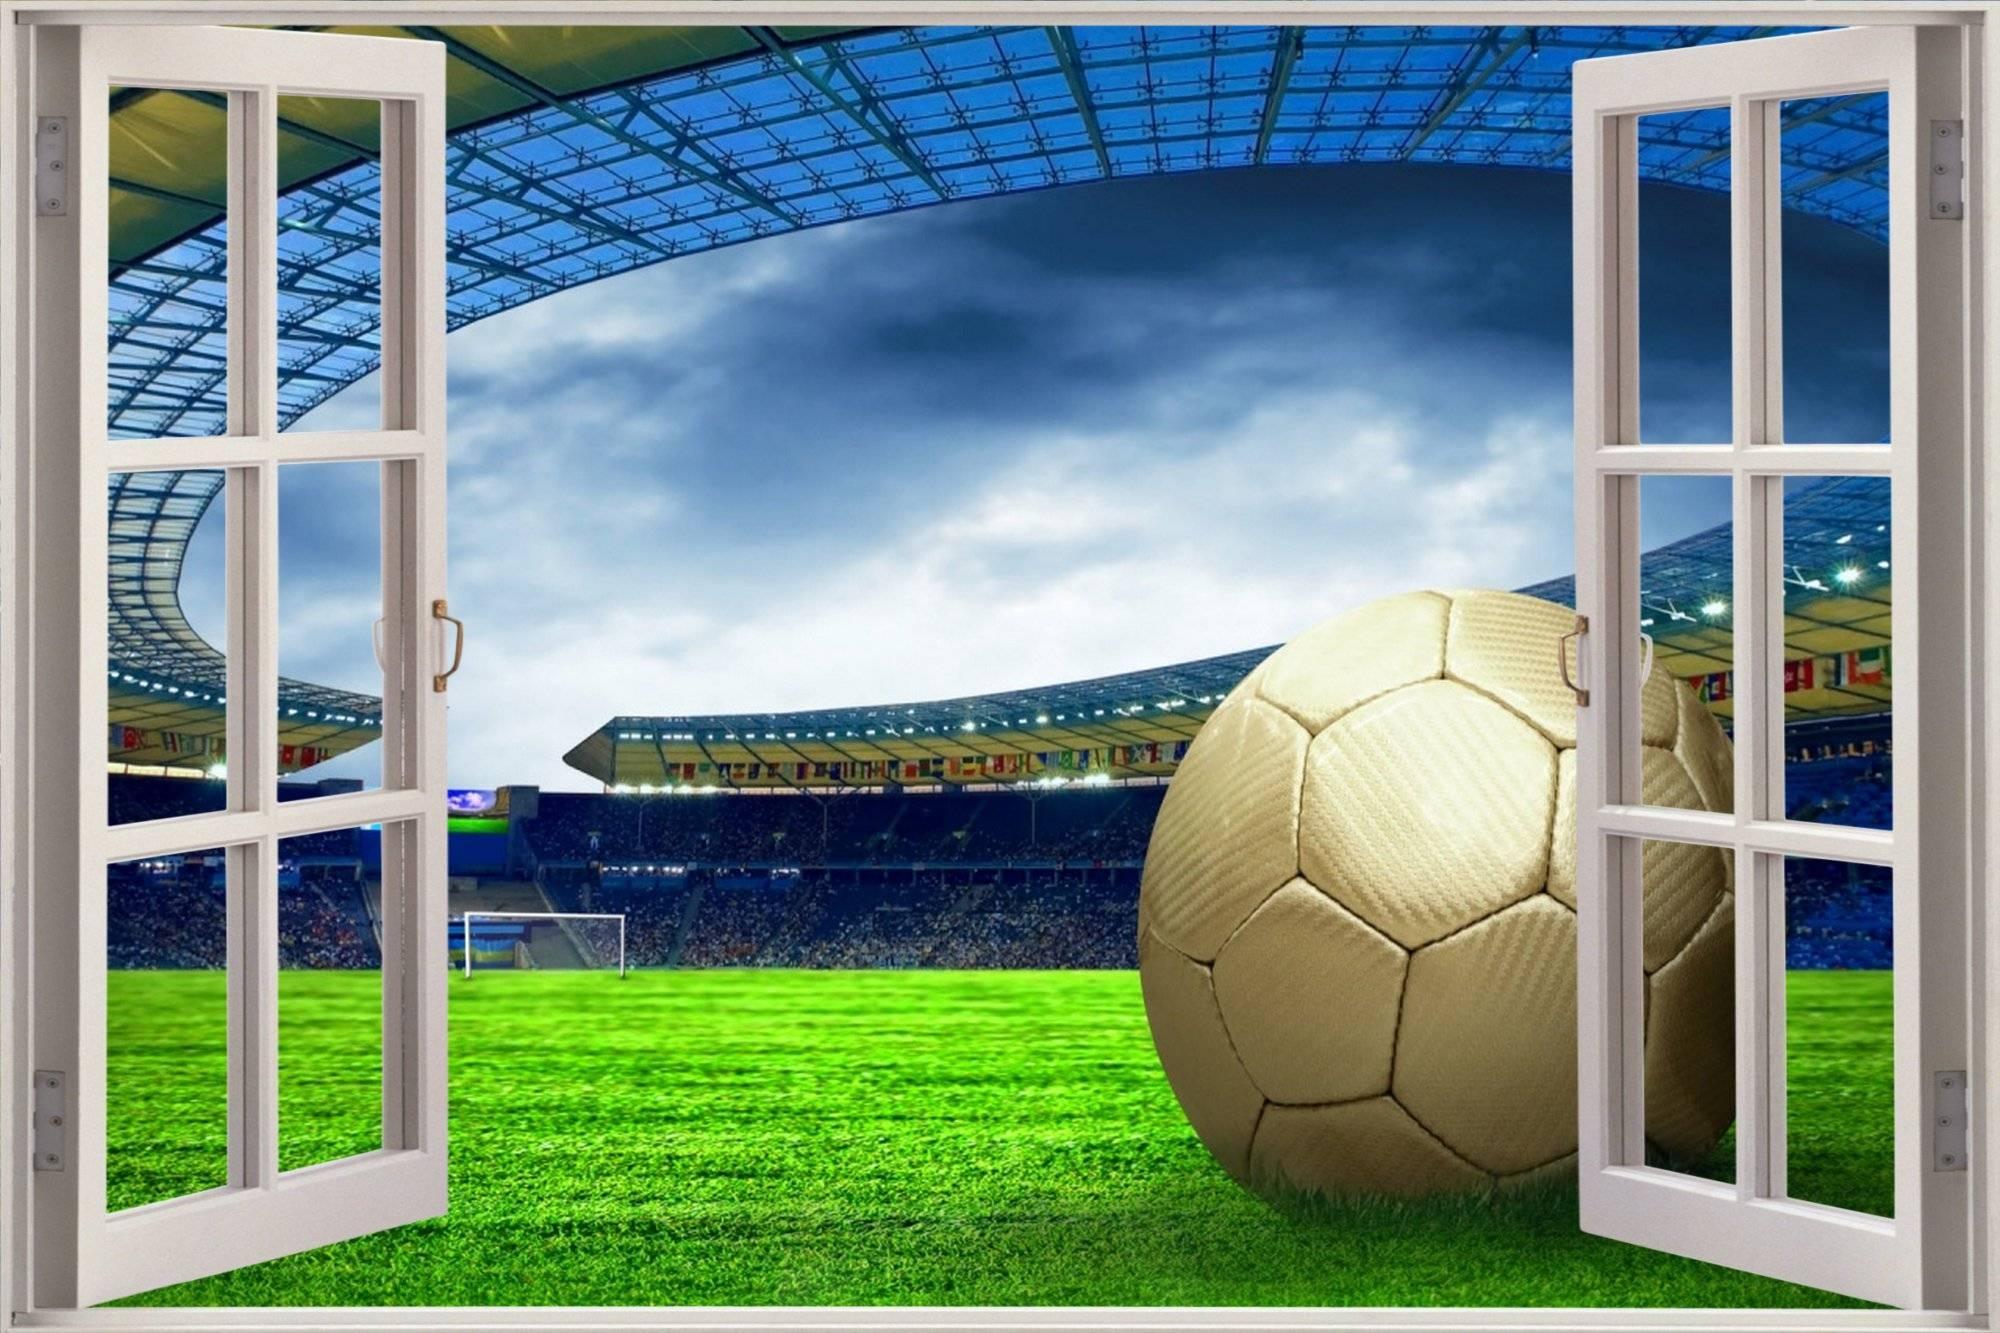 3D Wall Art Football | Wallartideas Throughout Recent 3D Stadium View Wall Art (Gallery 8 of 20)